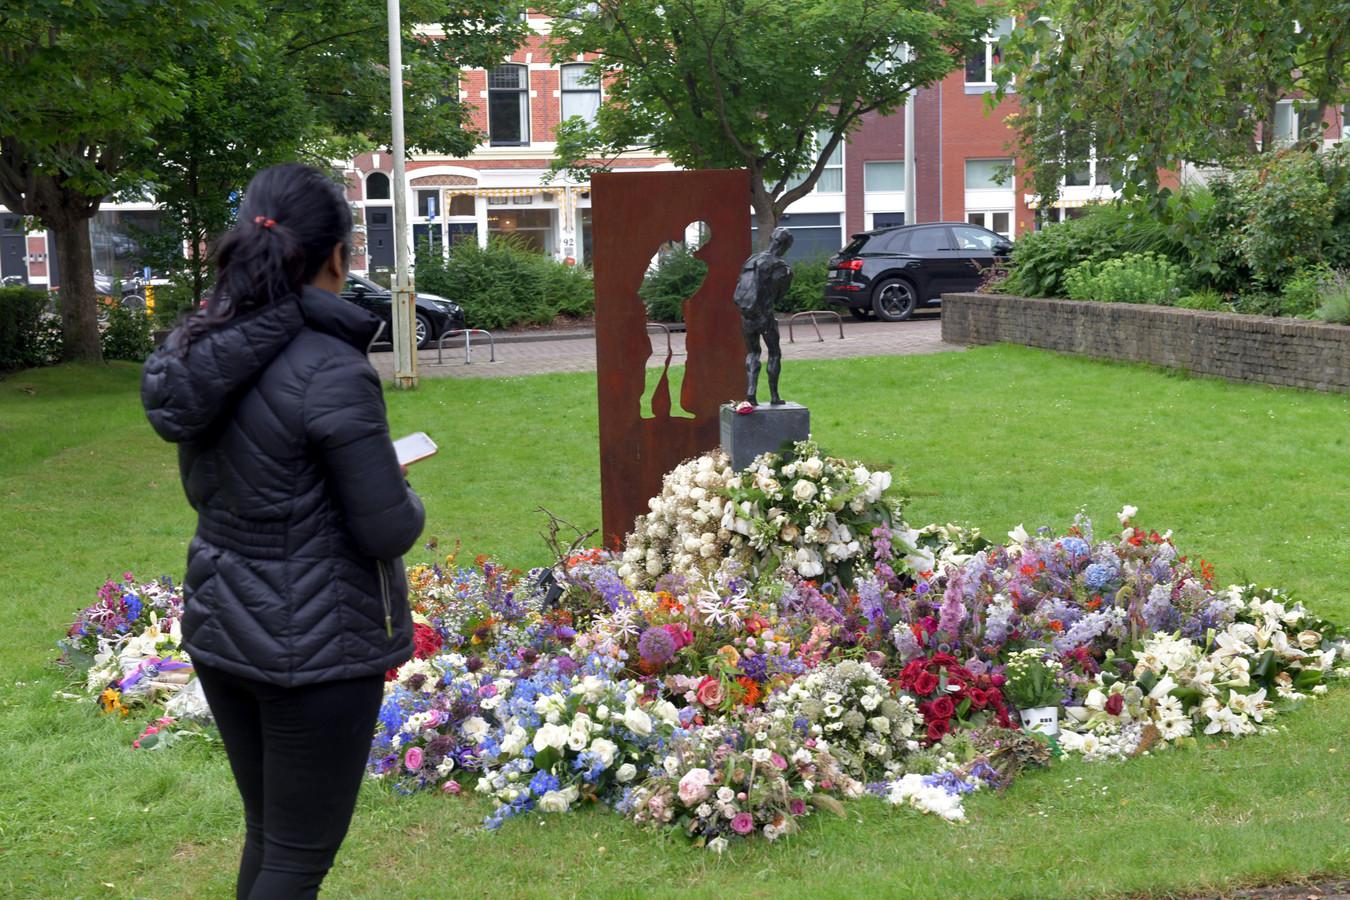 De bloemen van de uitvaart van Peter R. de Vries liggen bij het kunstwerk van de Veenendaalse kunstenaar Linette Dijk in Den Haag.